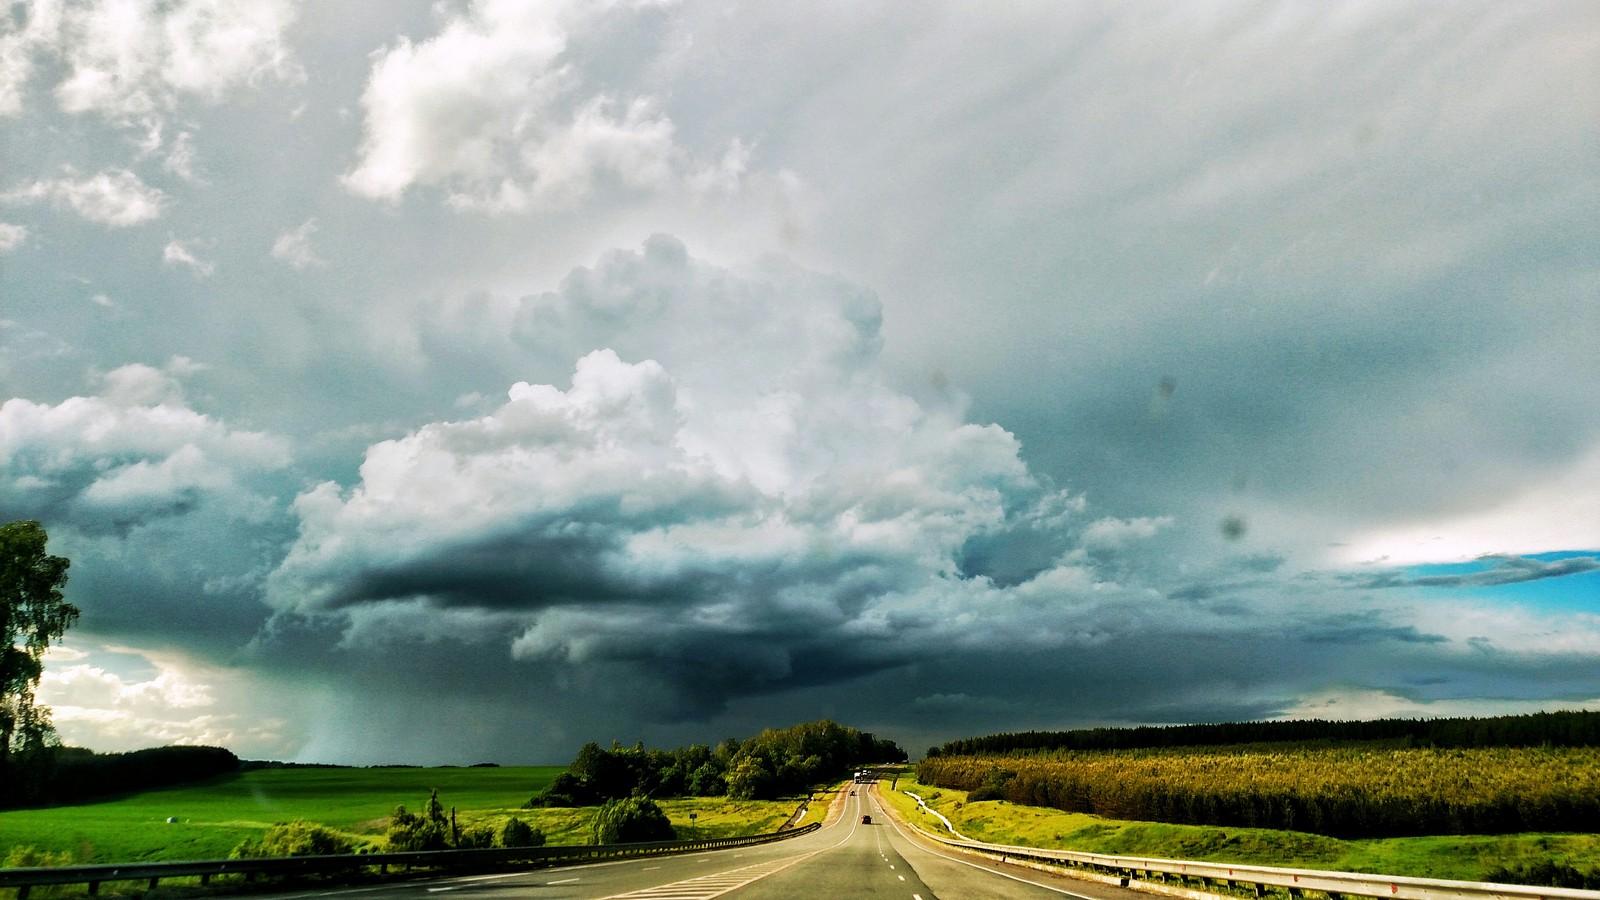 16 серпня Київщину накриють дощі - погода - 16 pogoda2